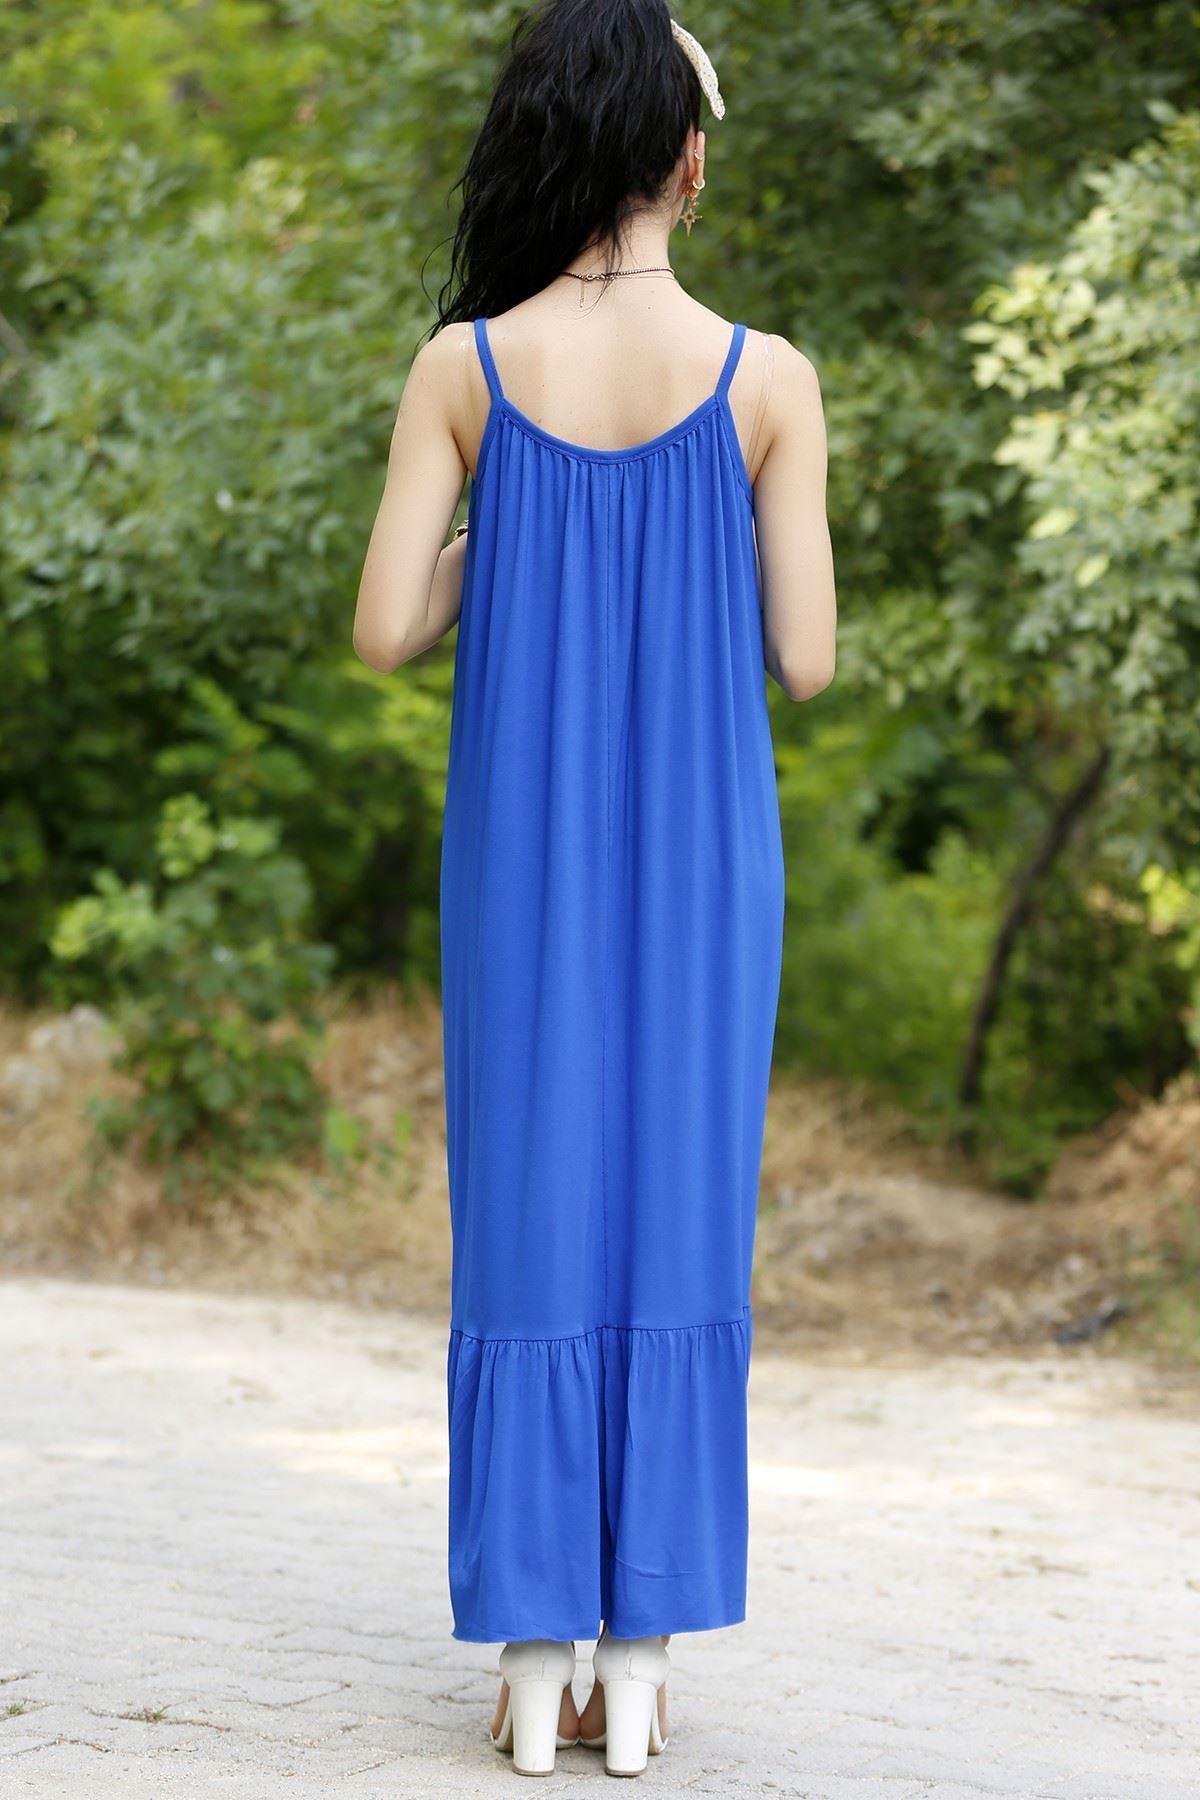 İp Askılı Elbise Saks - 20270.1234.